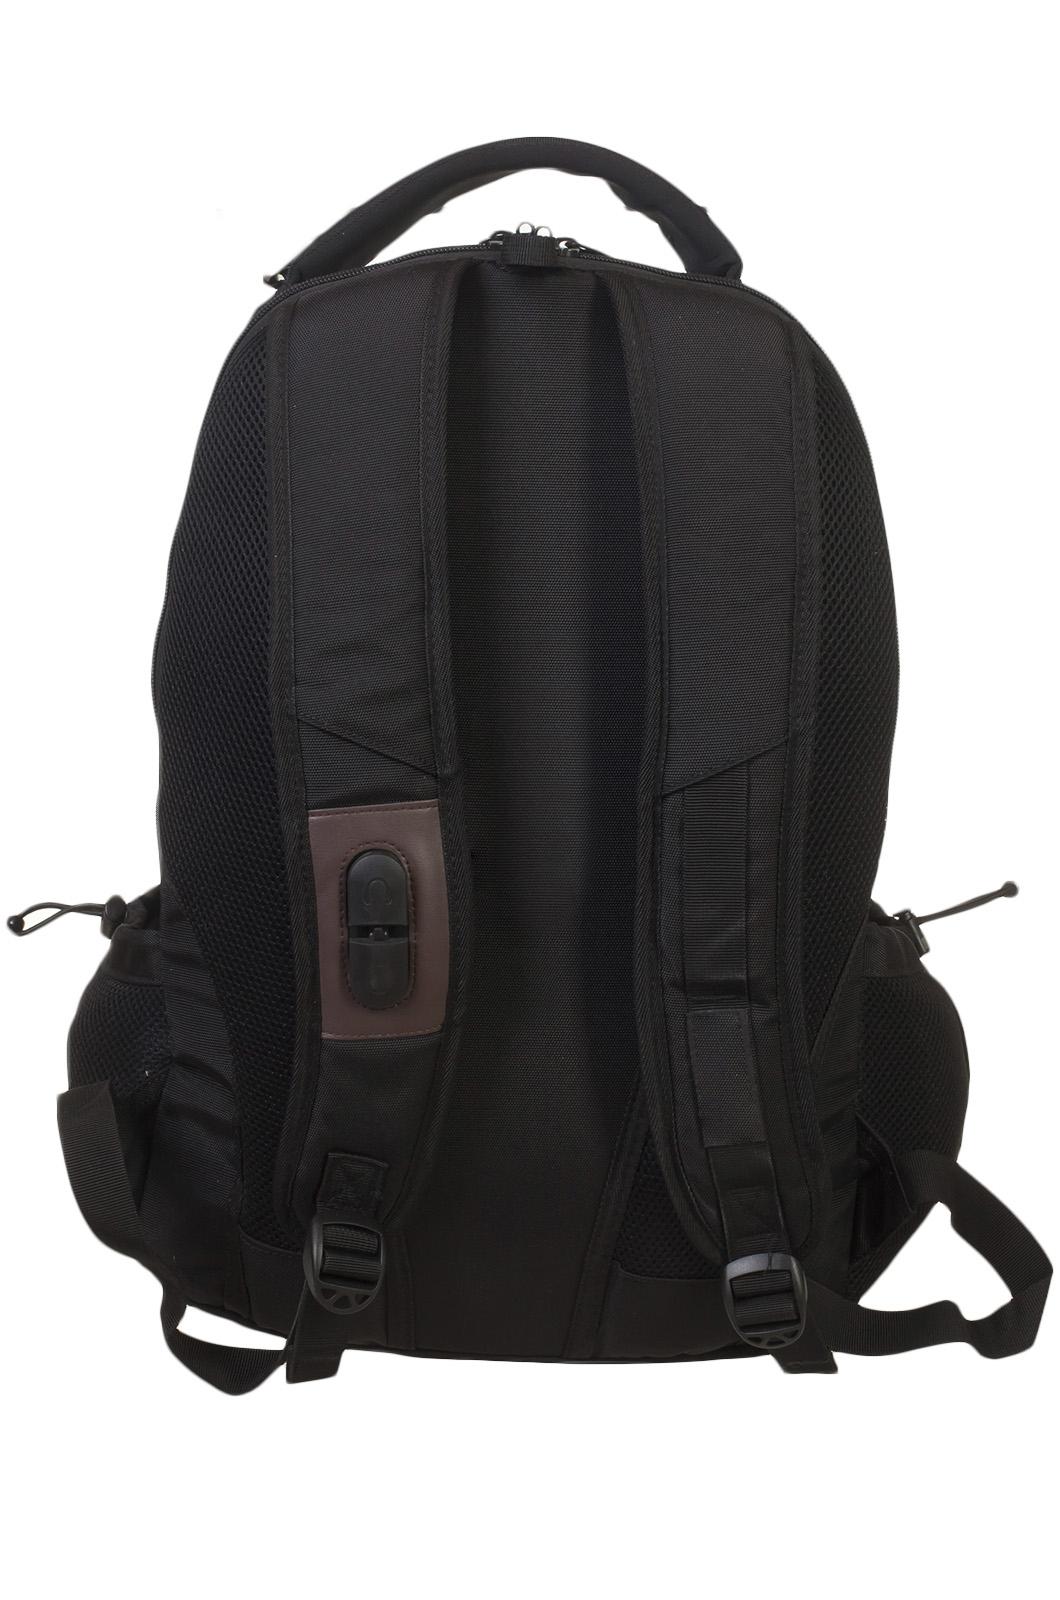 Практичный черный рюкзак с нашивкой Спецназ - заказать по низкой цене